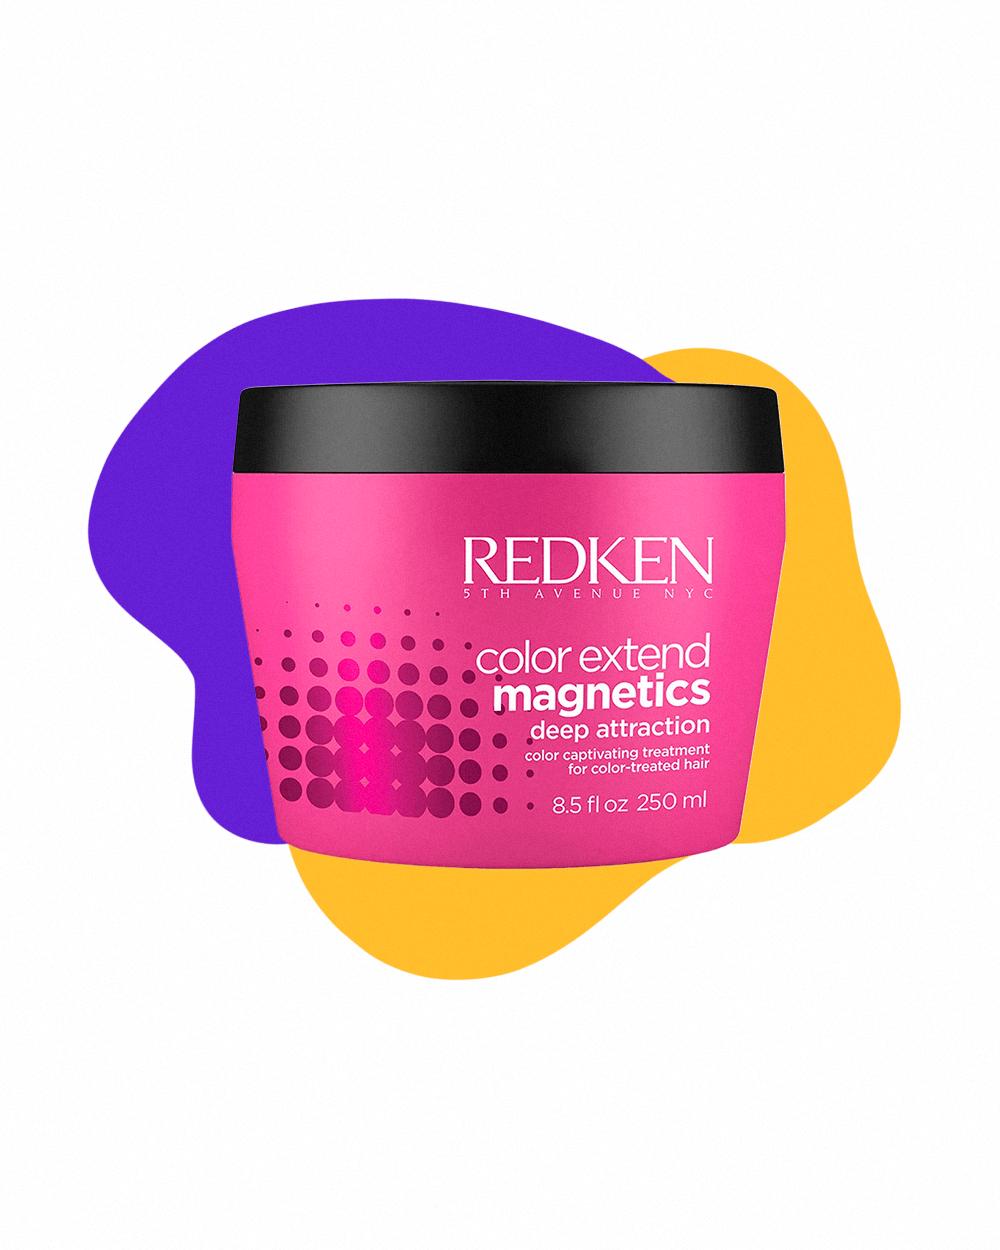 Redken  - cuidado no banho  - tratamento capilar  - máscara de hidratação capilar  - terapia capilar  - https://stealthelook.com.br